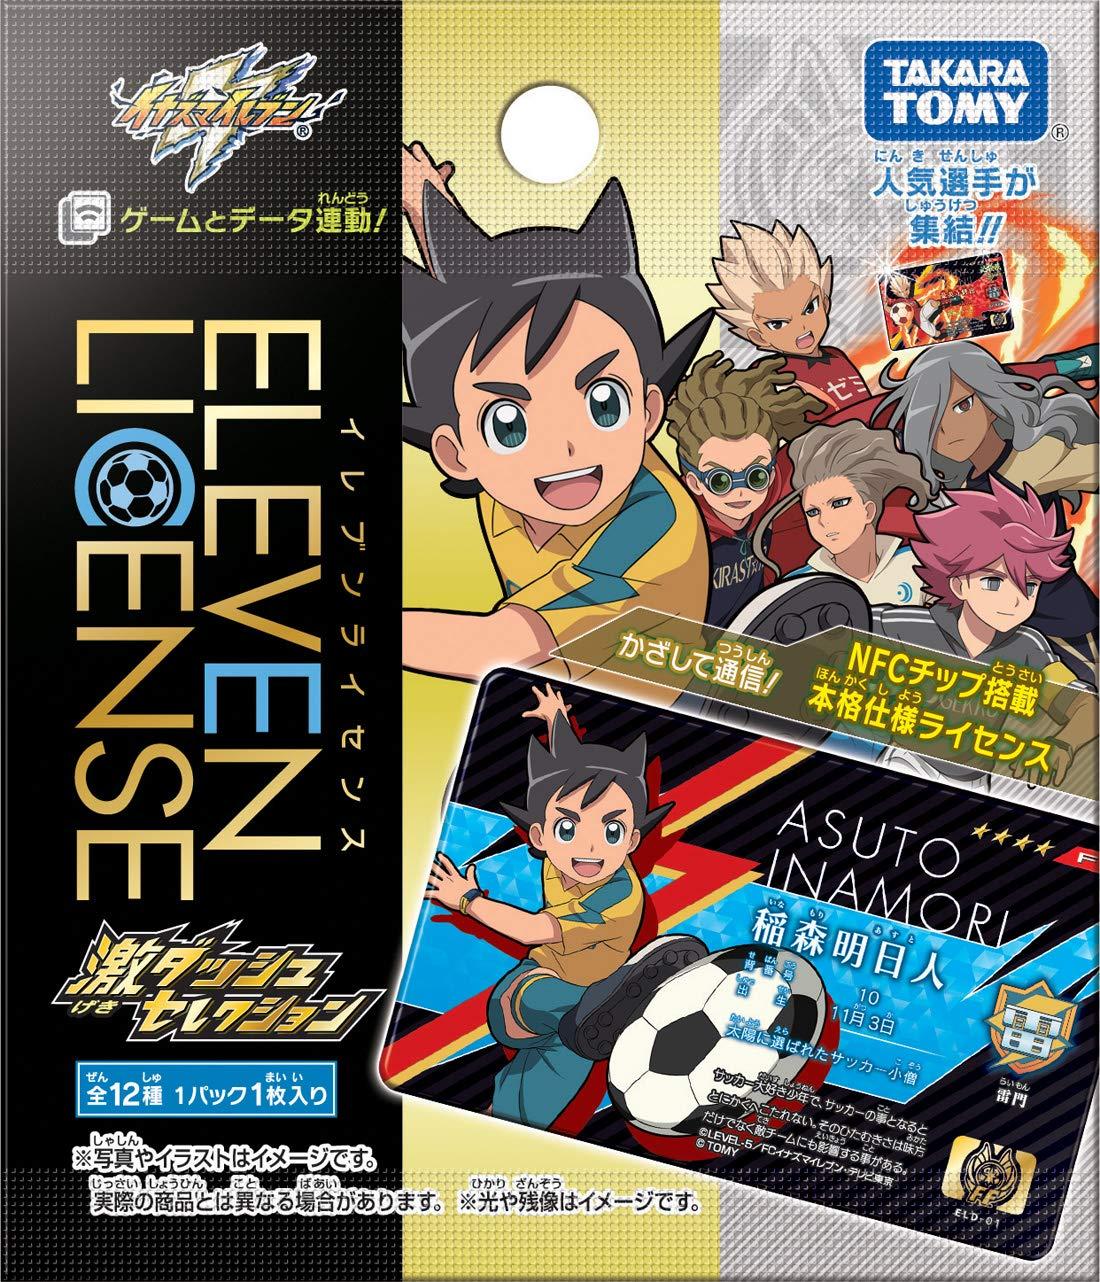 Takara Tomy Inazuma Eleven Eleven Patente Vol.3 Box